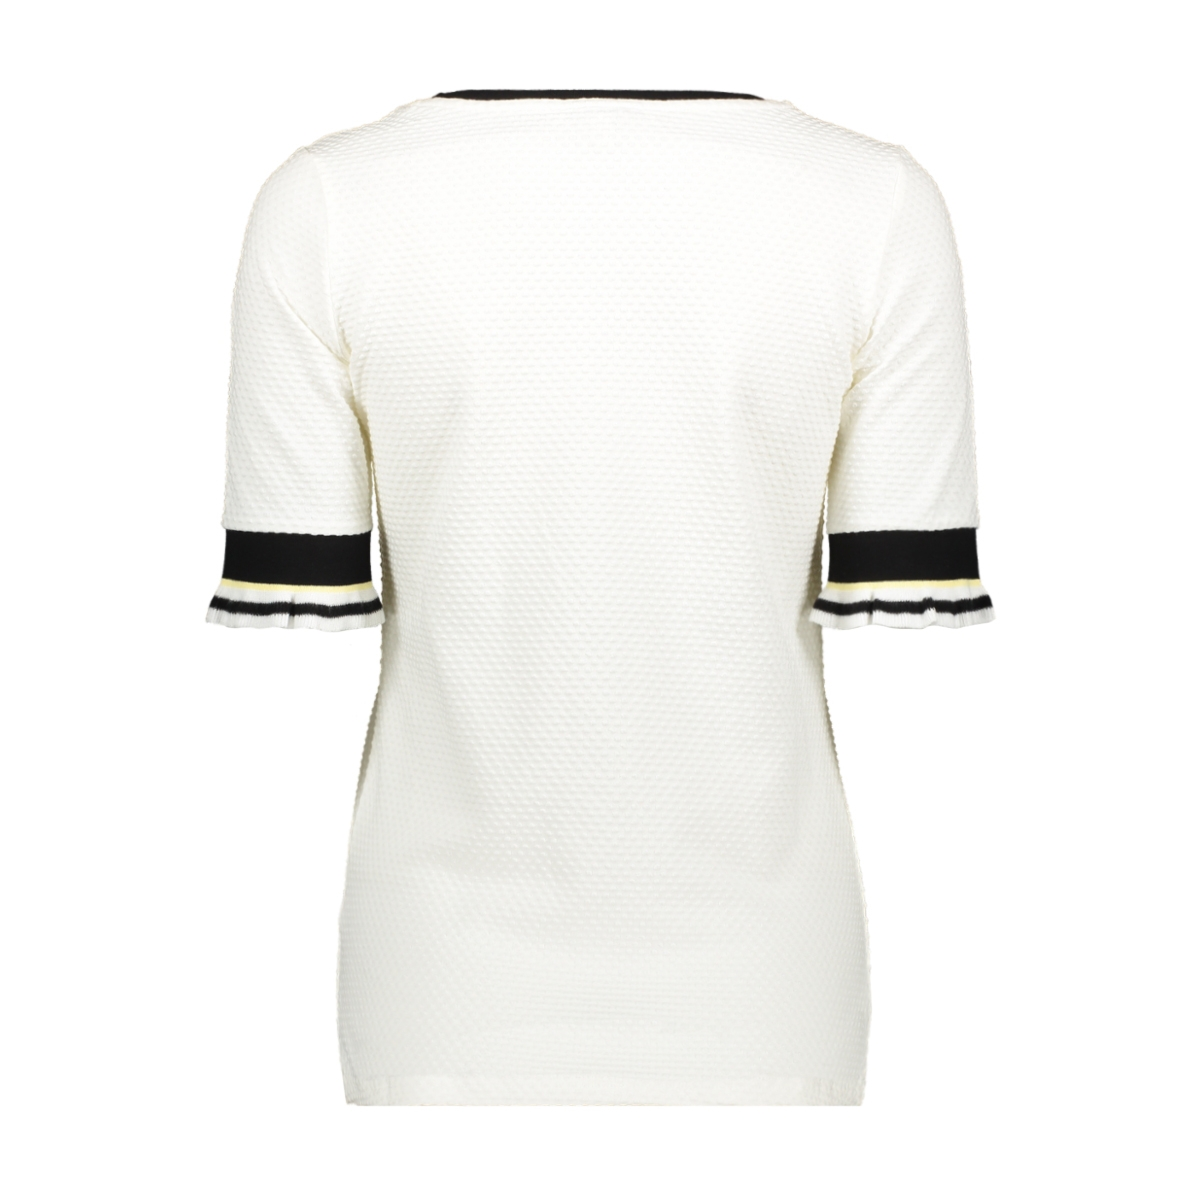 t shirt met ruffle mouwen g90013 garcia t-shirt 53 off white